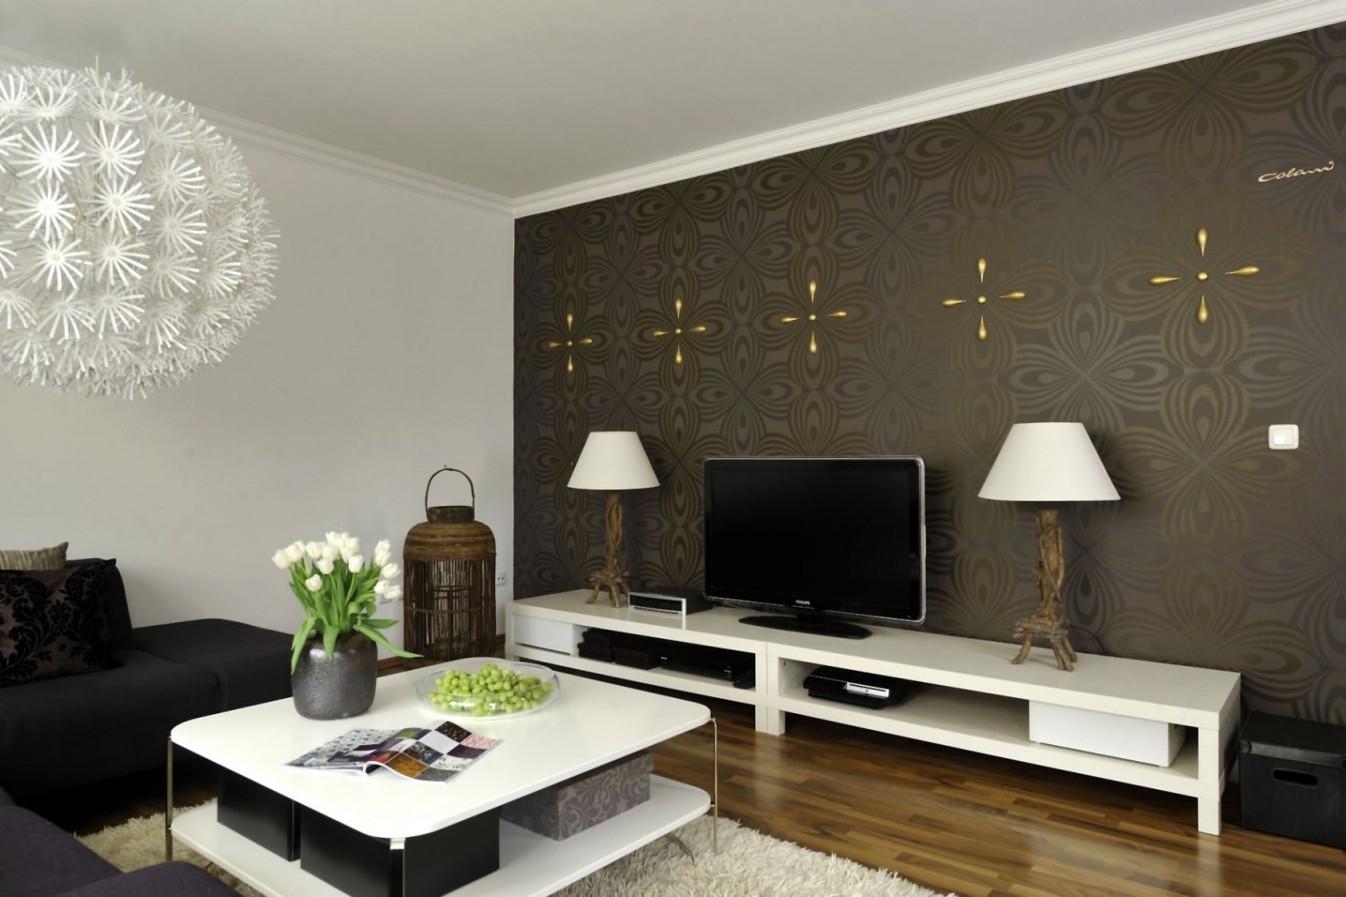 Elegant Wohnzimmer Tapeten Ideen  Wohnzimmer Design von Ideen Für Wohnzimmer Tapeten Photo